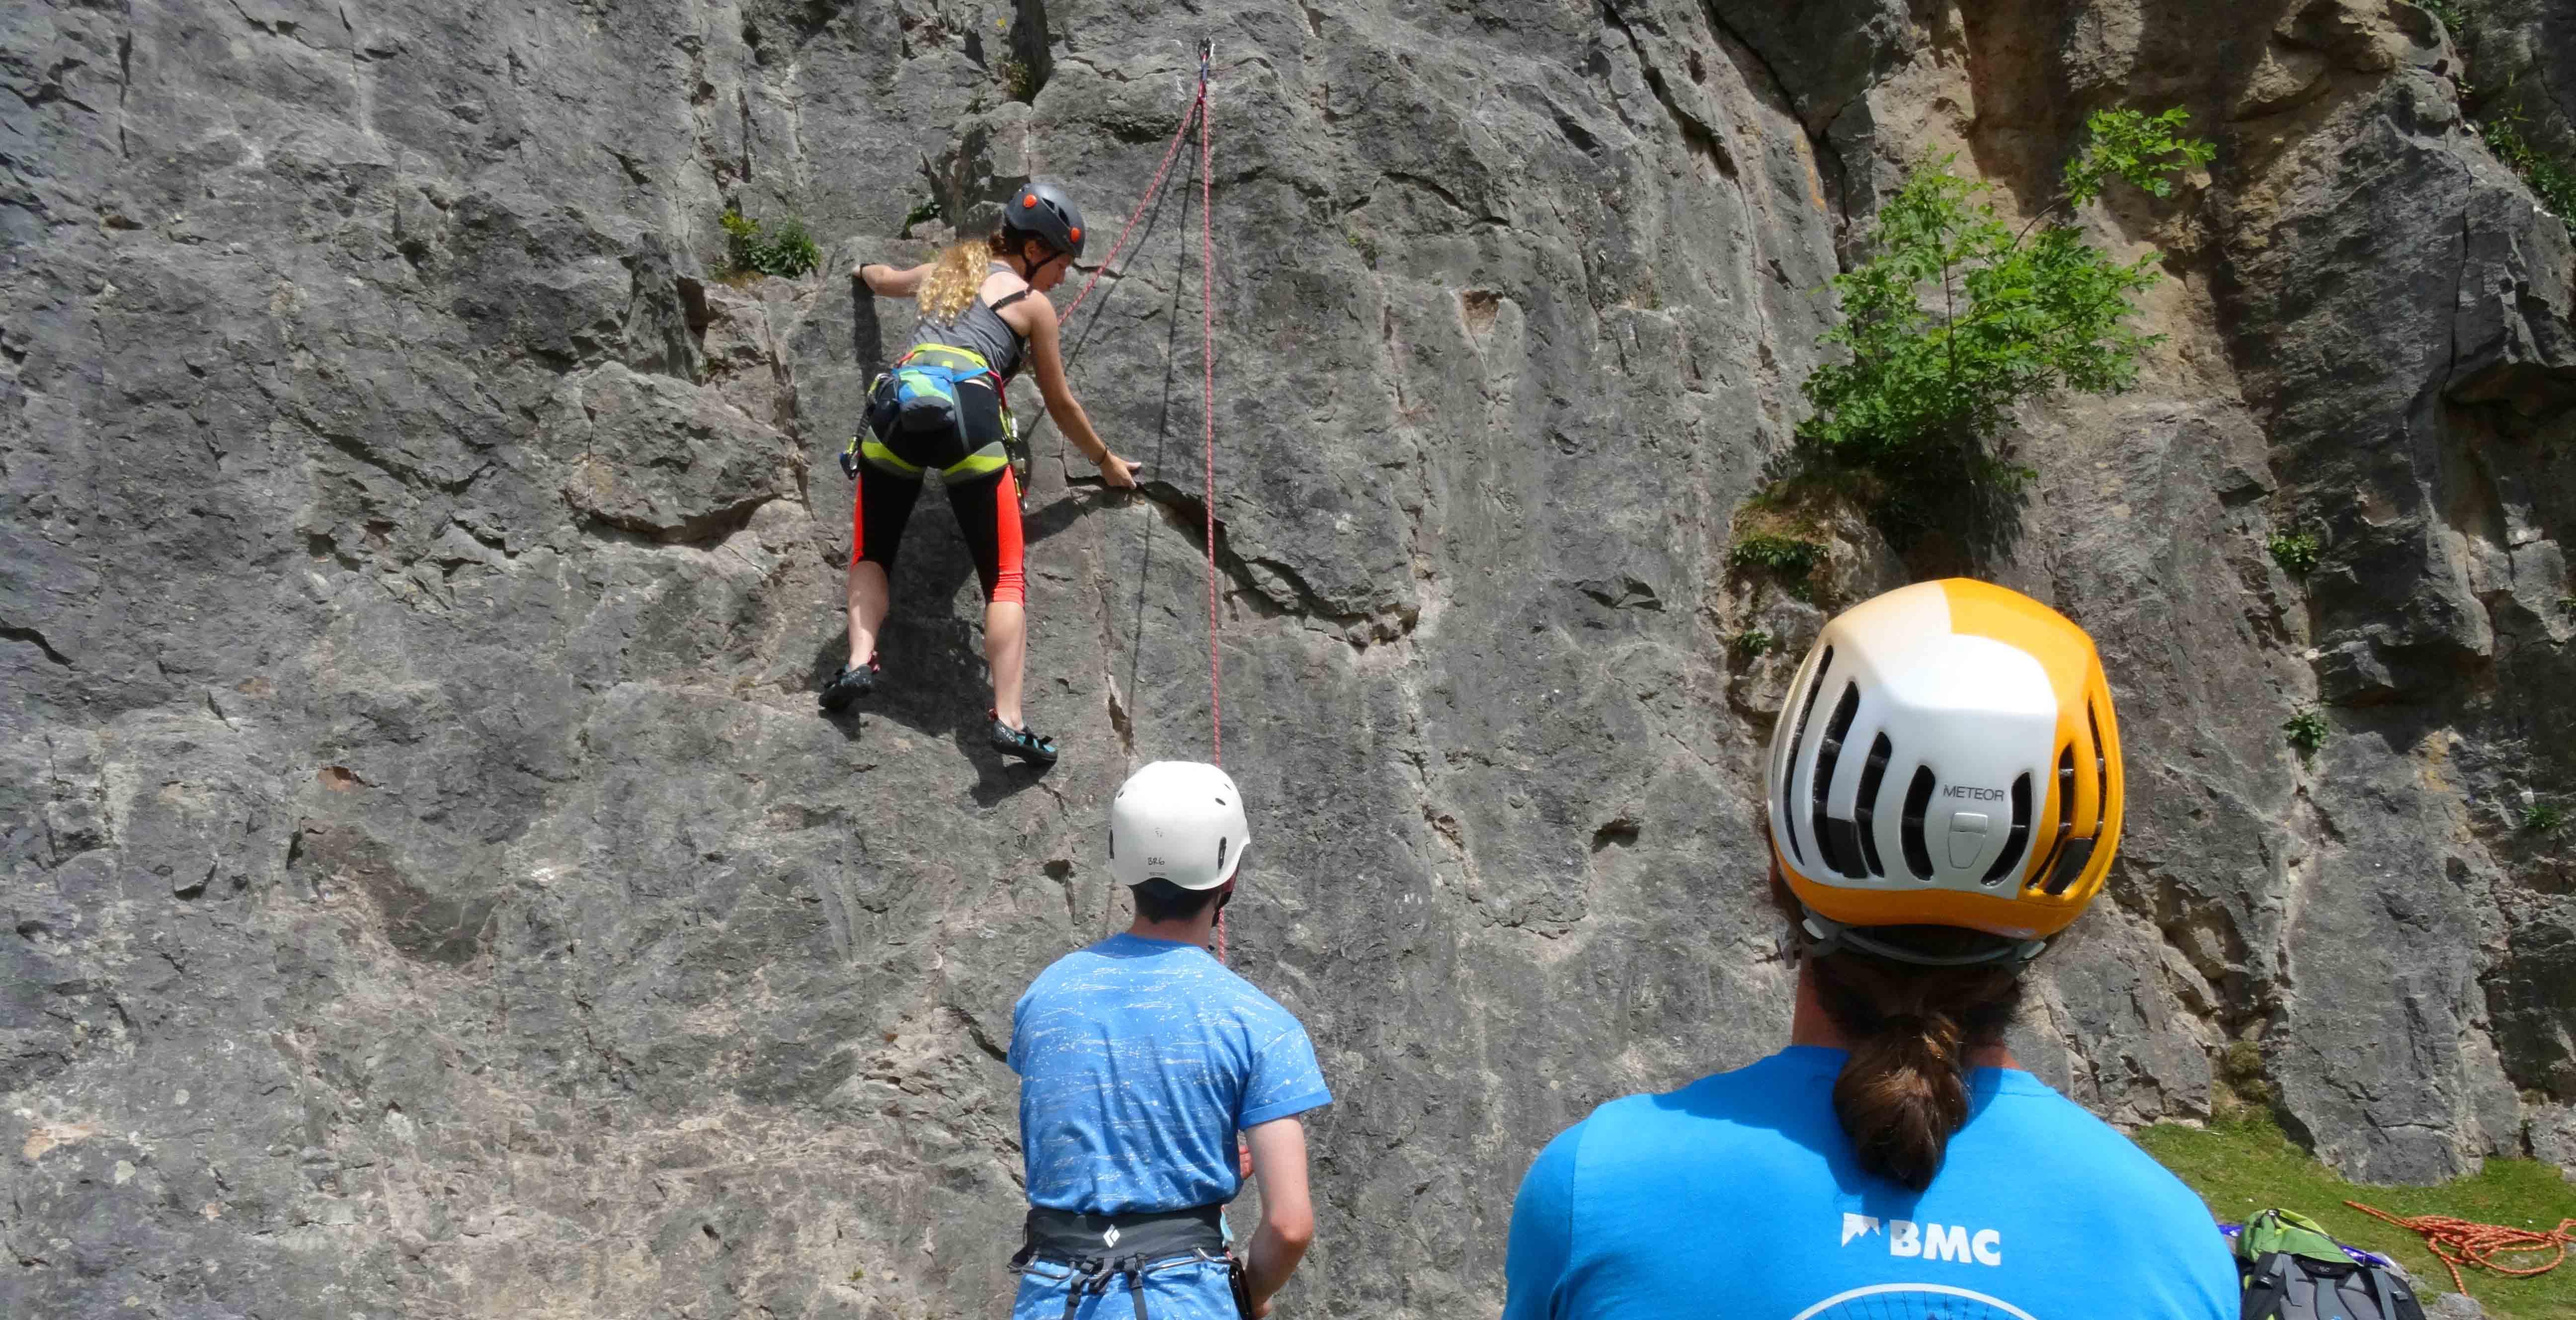 under 18 outdoor sport climbing